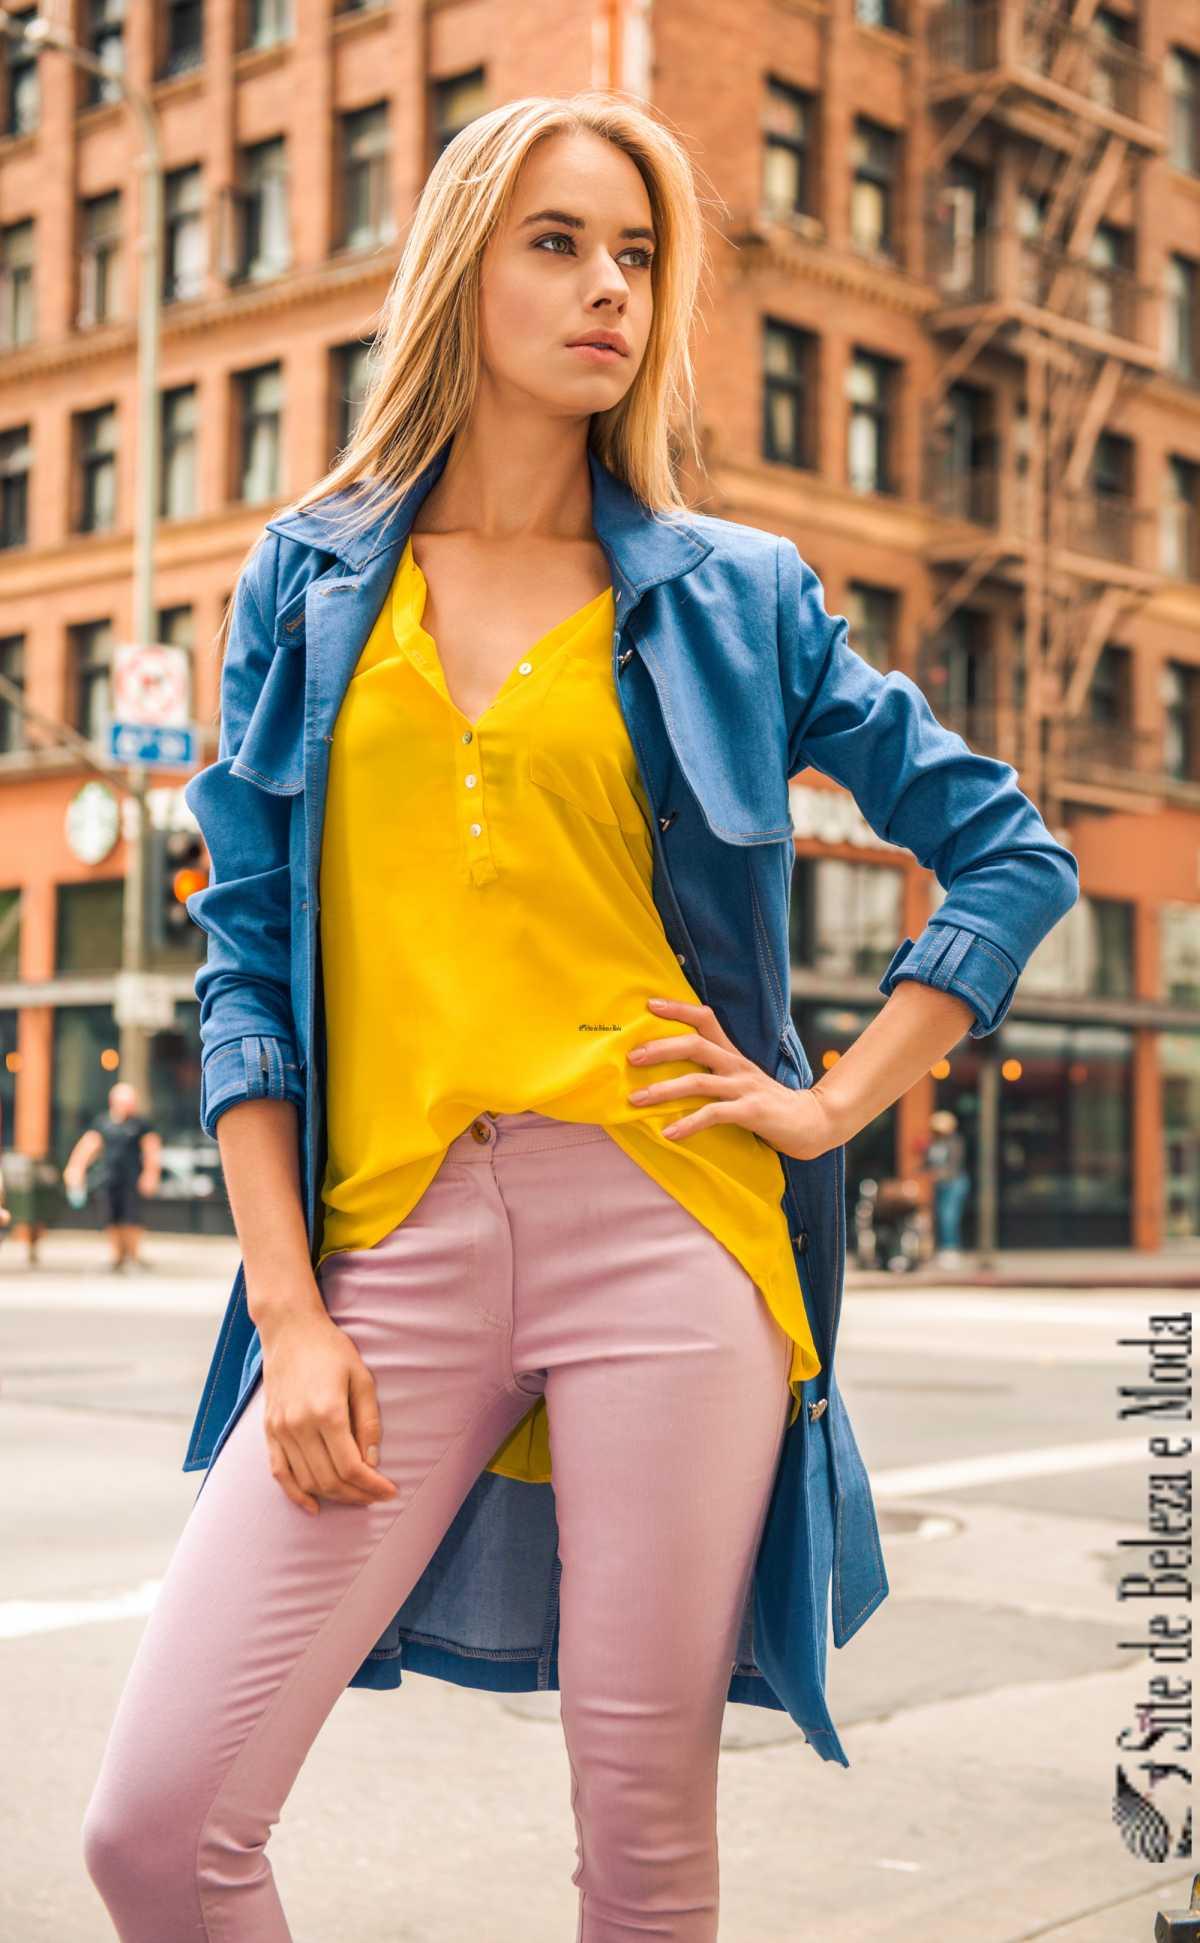 blusinha de verão no inverno